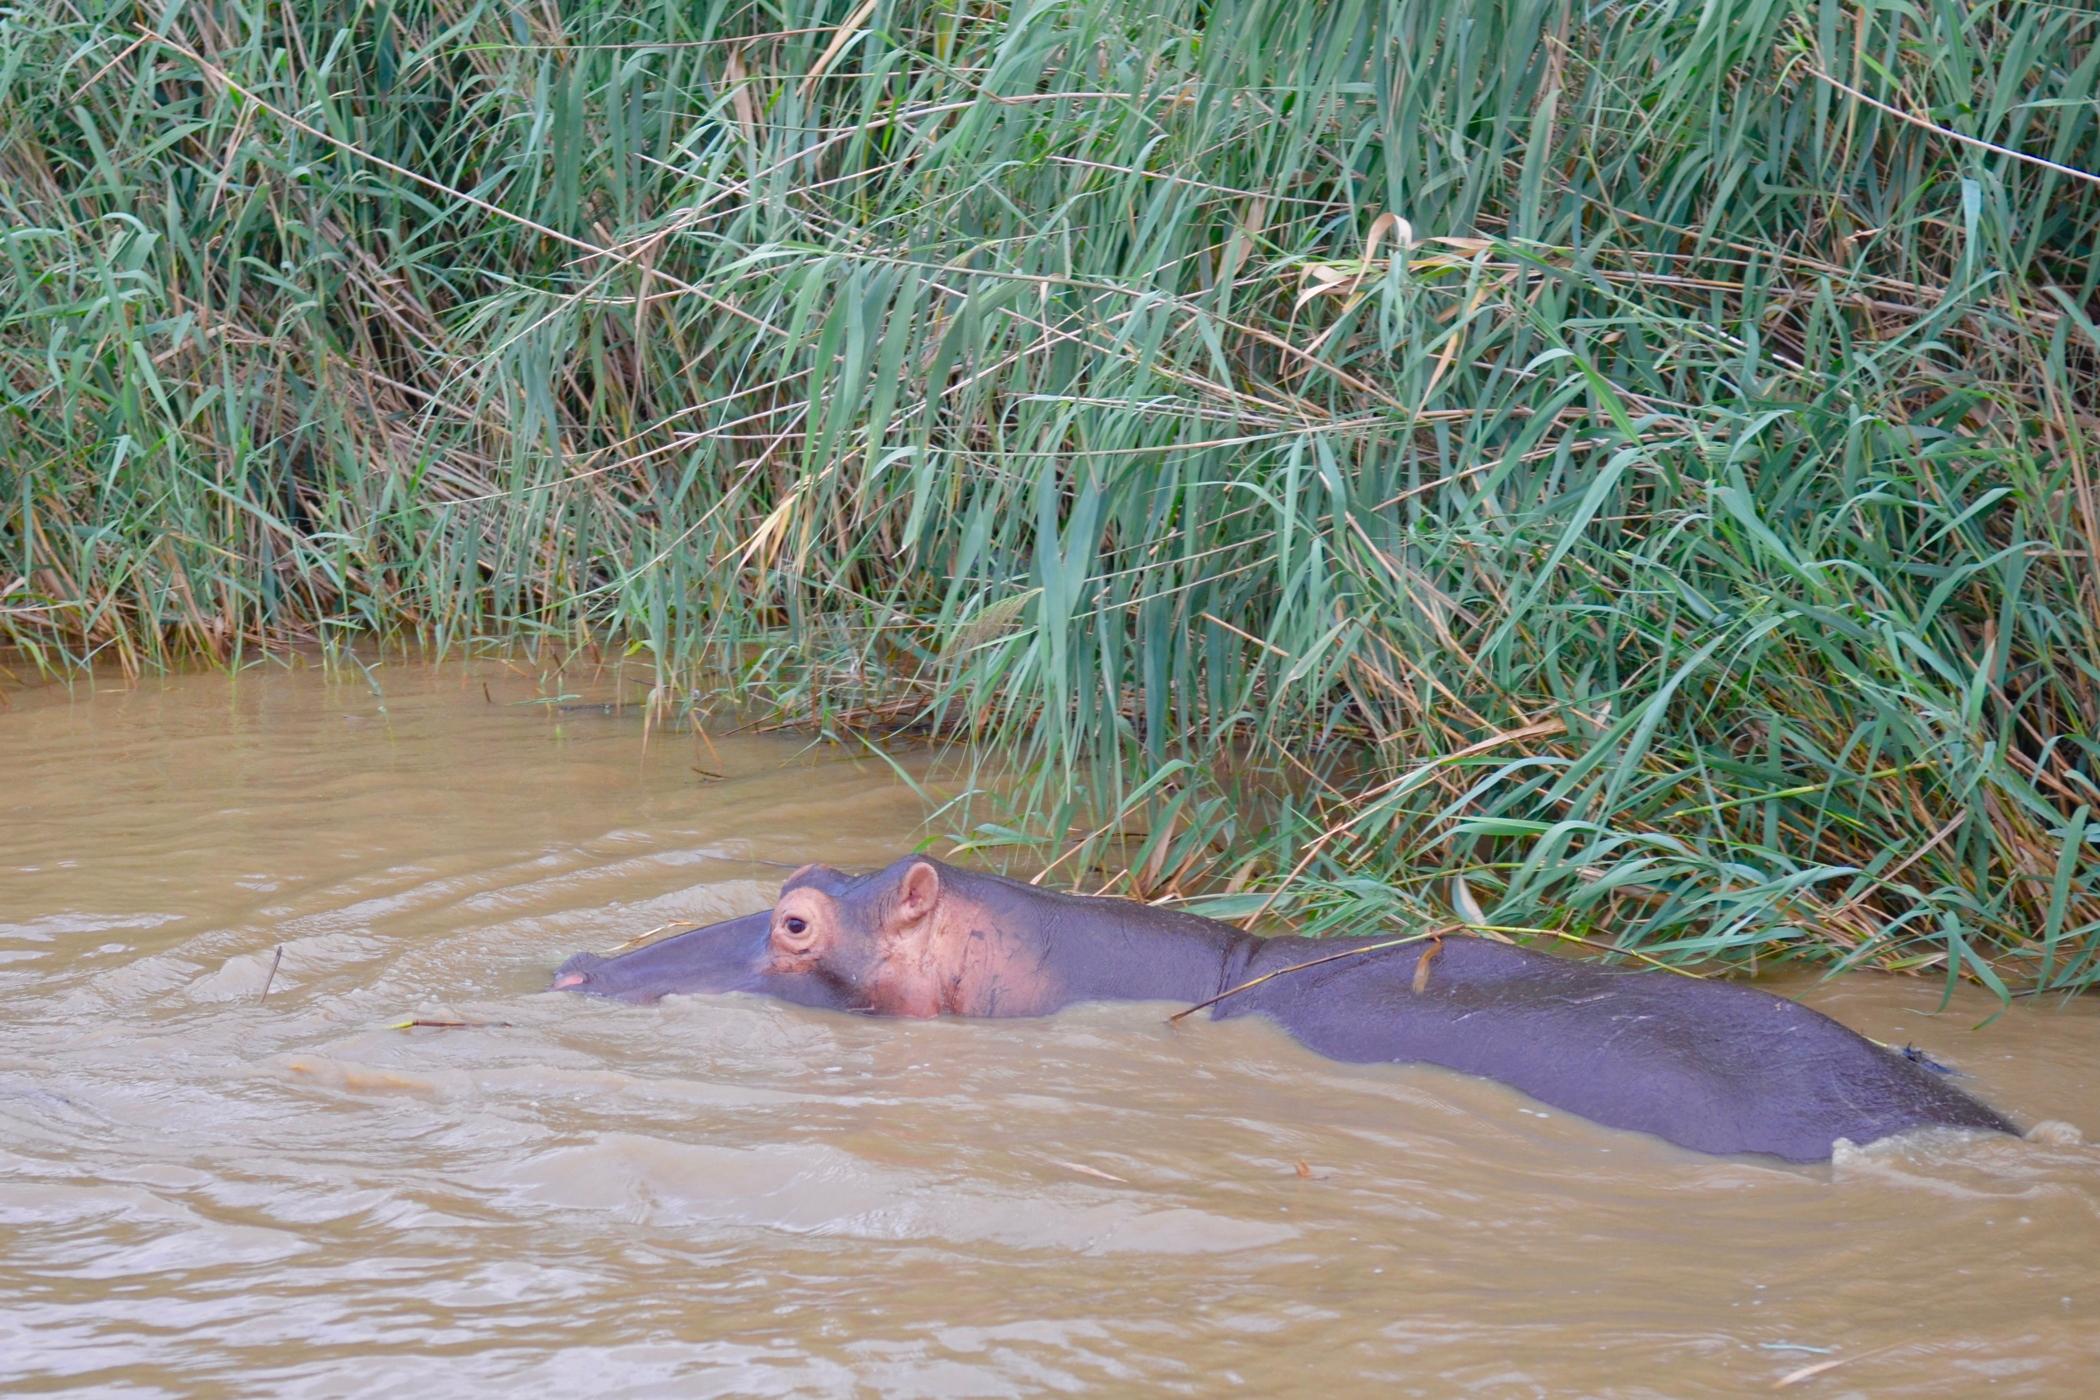 Flusspferde gibt es auf einem Südafrika Roadtrip in St. Lucia zu sehen